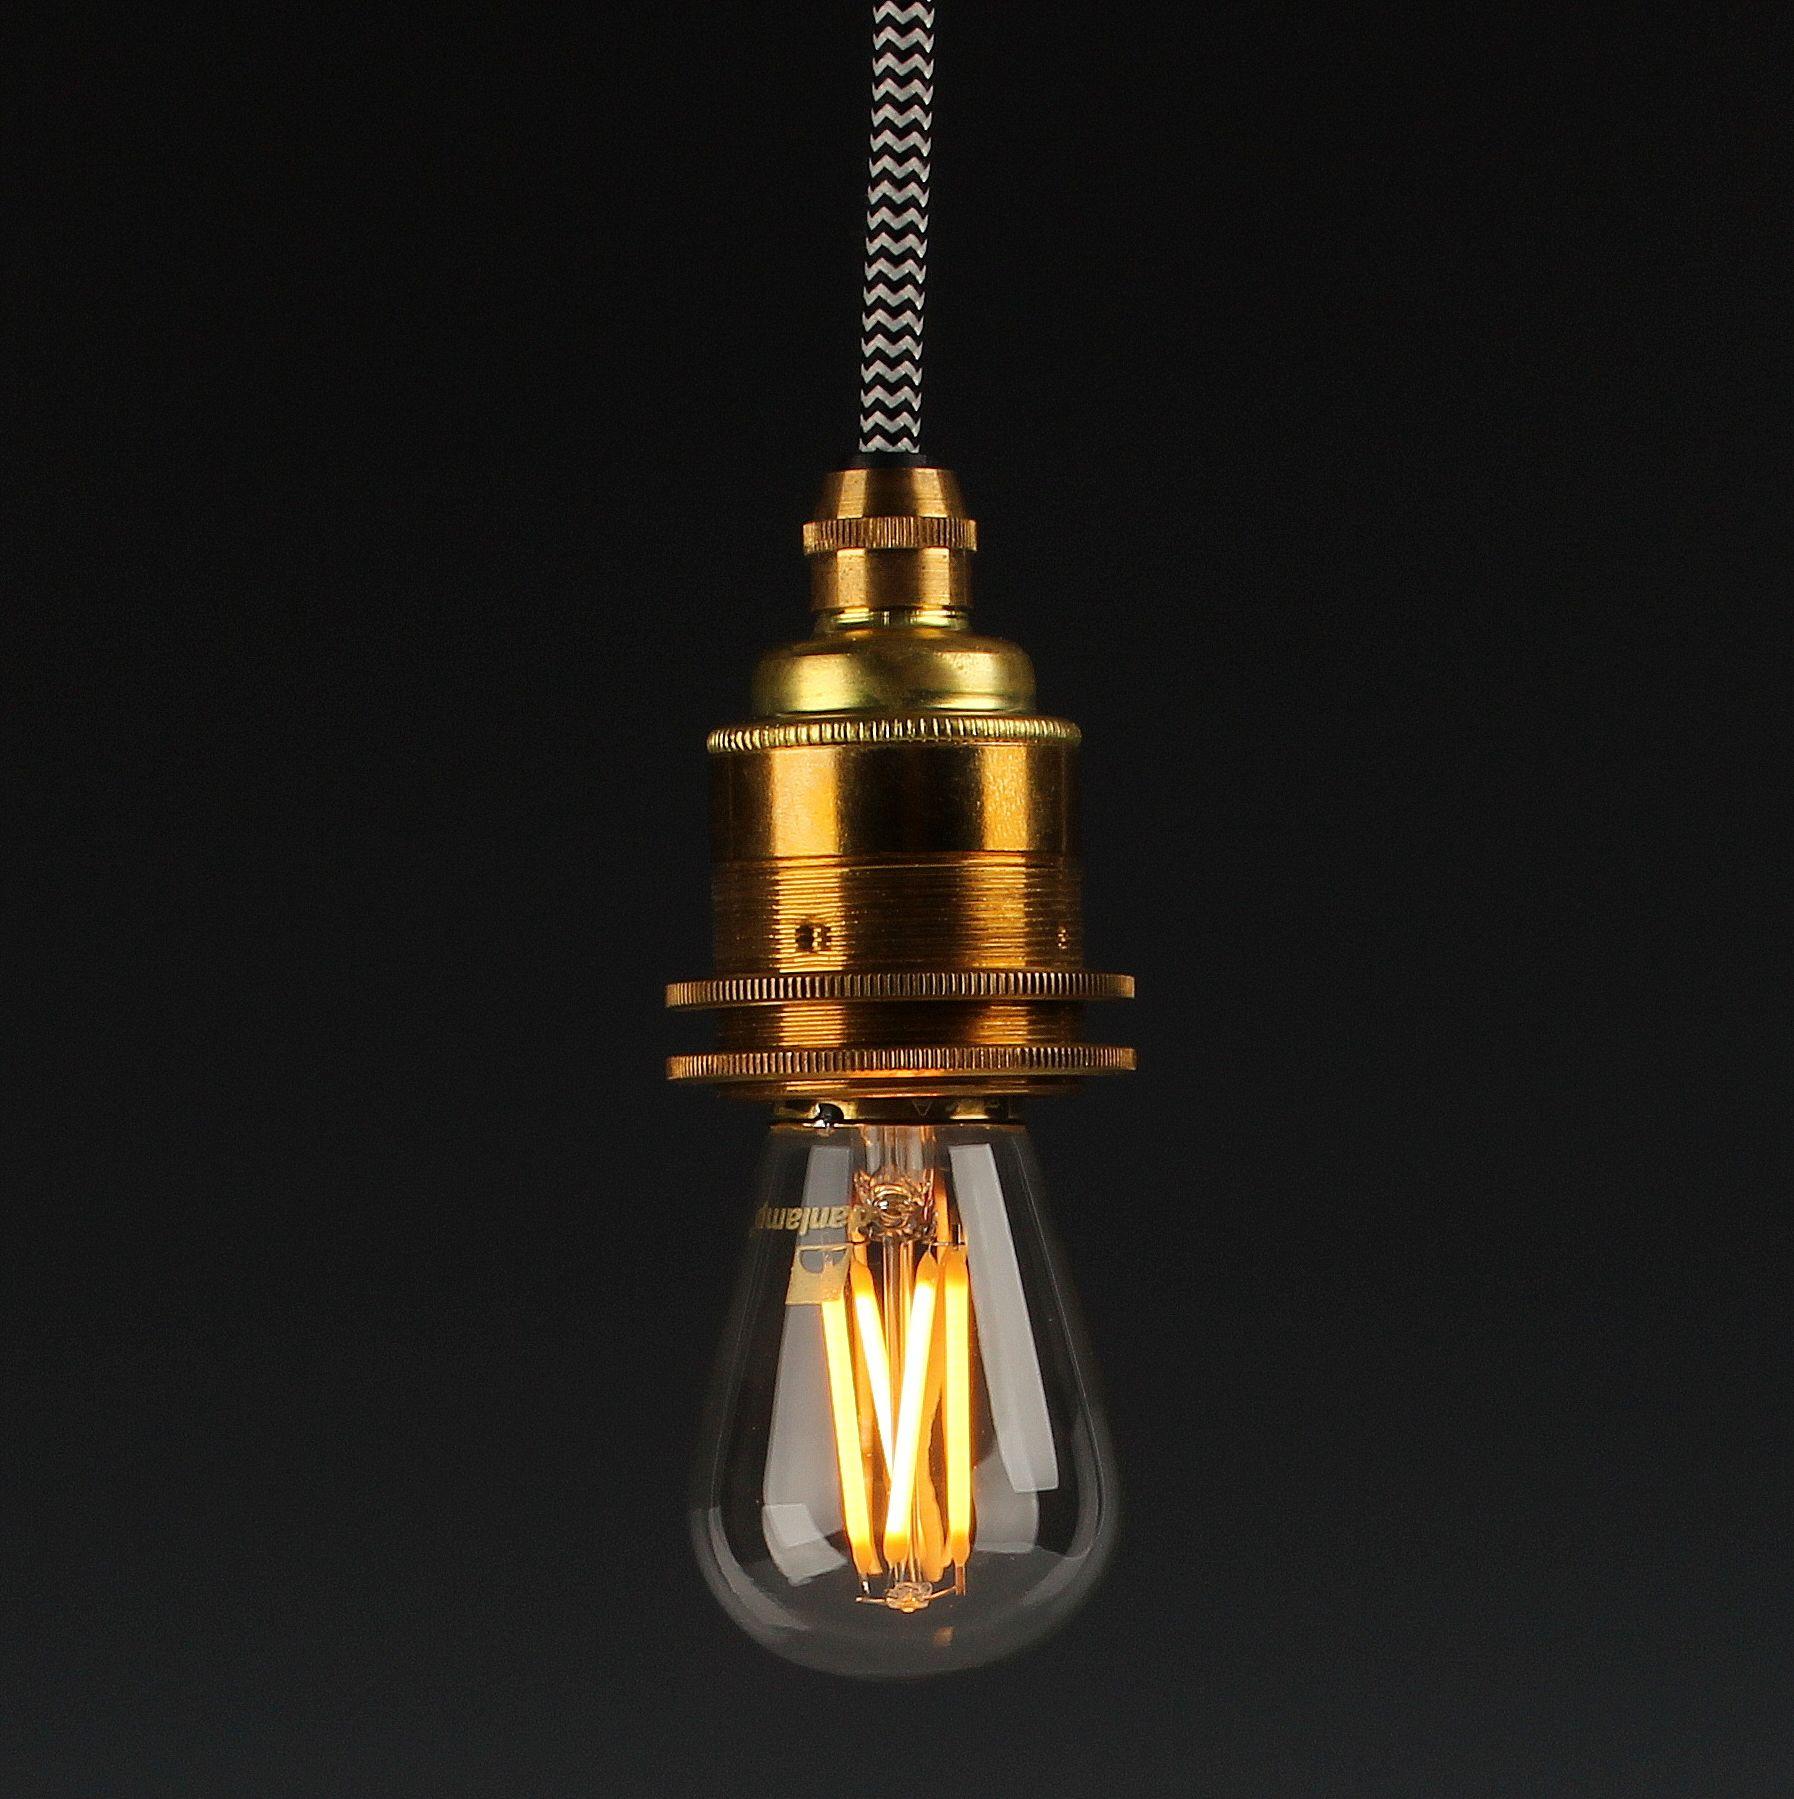 Danlamp E14 Vintage Deko Led Mini Edison Lampe 240v 2 5w Lampen Kaufen Lampen Led Leuchtmittel